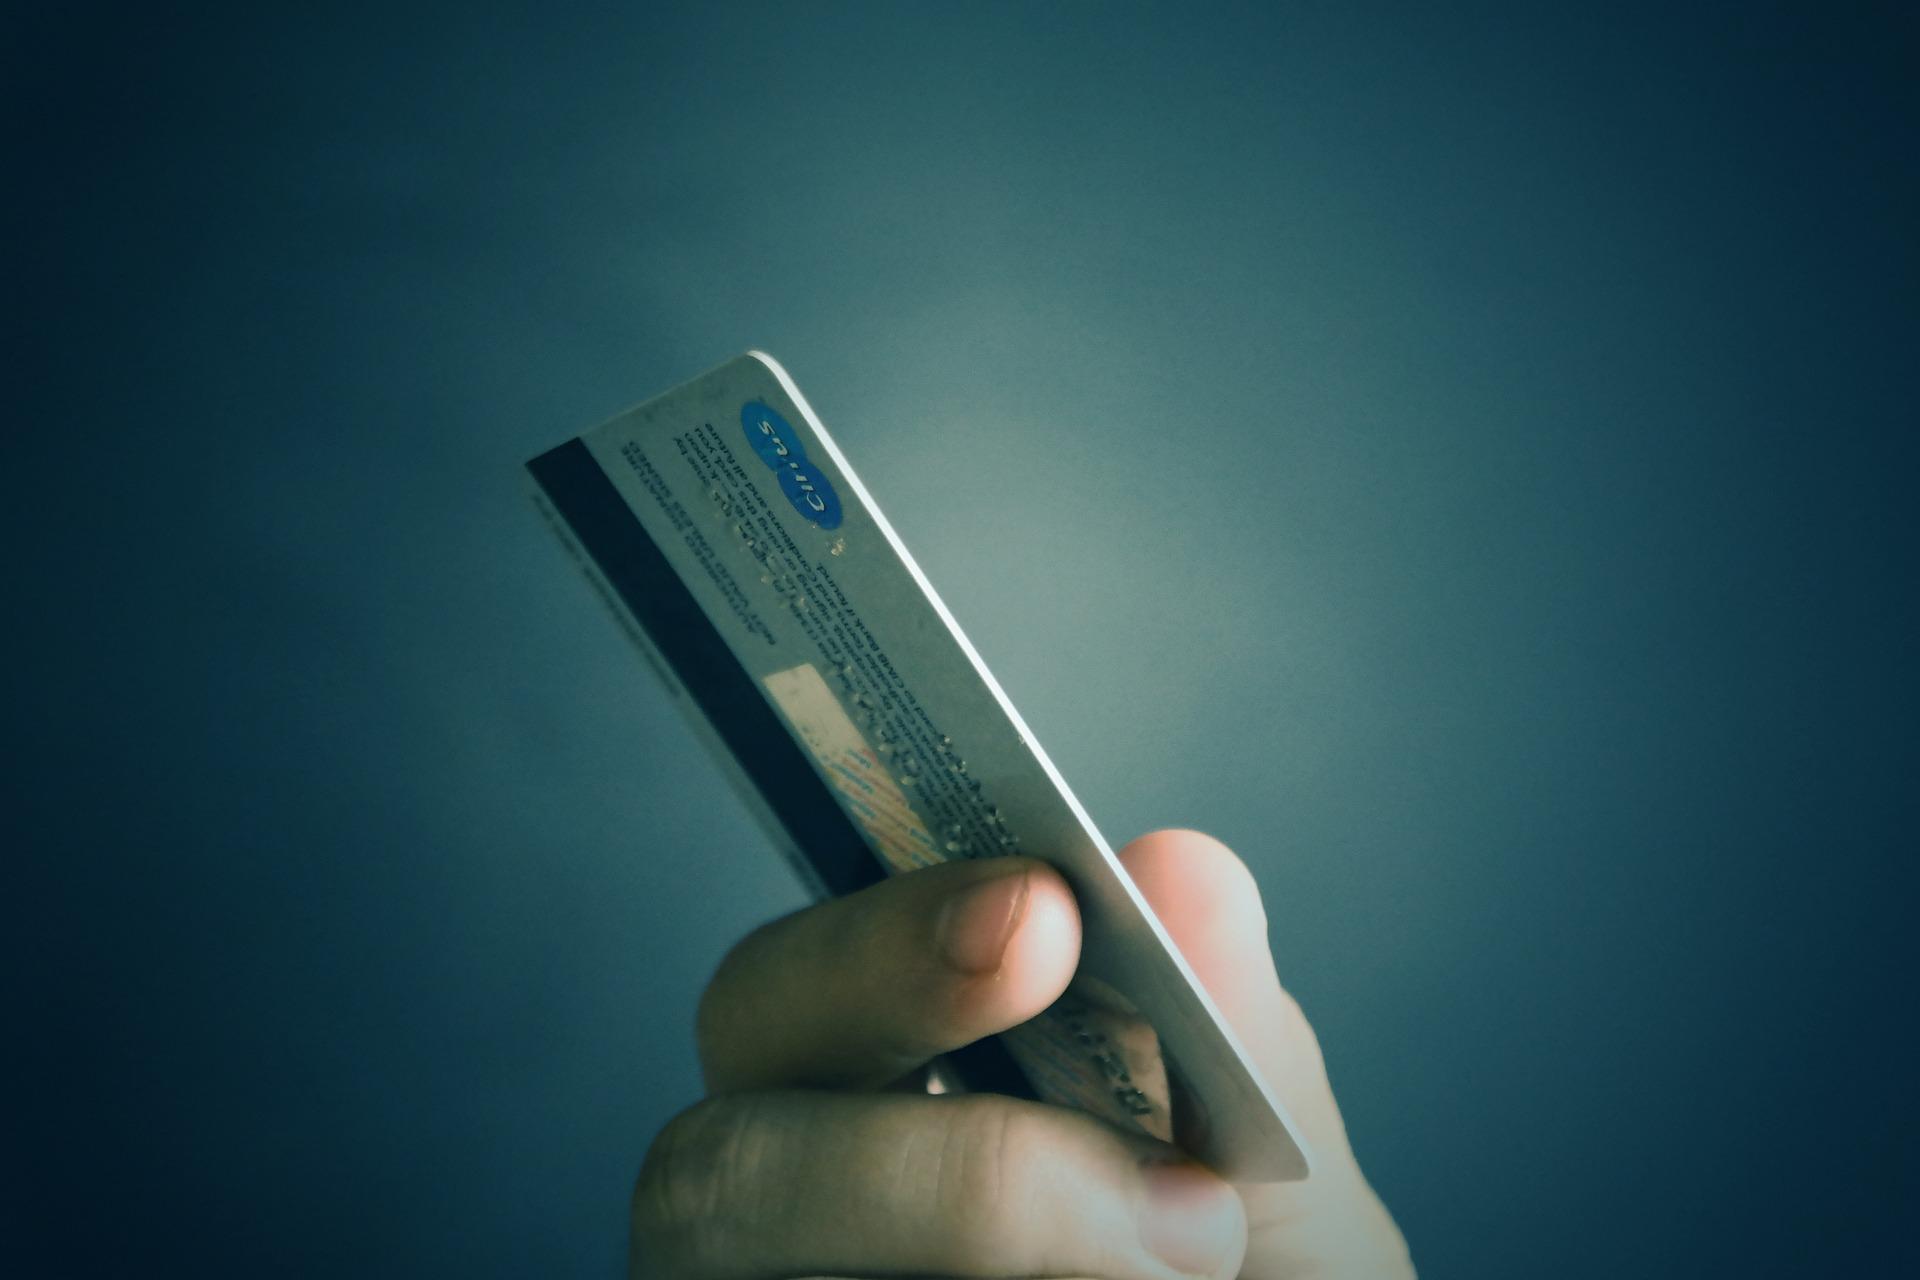 Número de tarjetas de débito creció en 2020